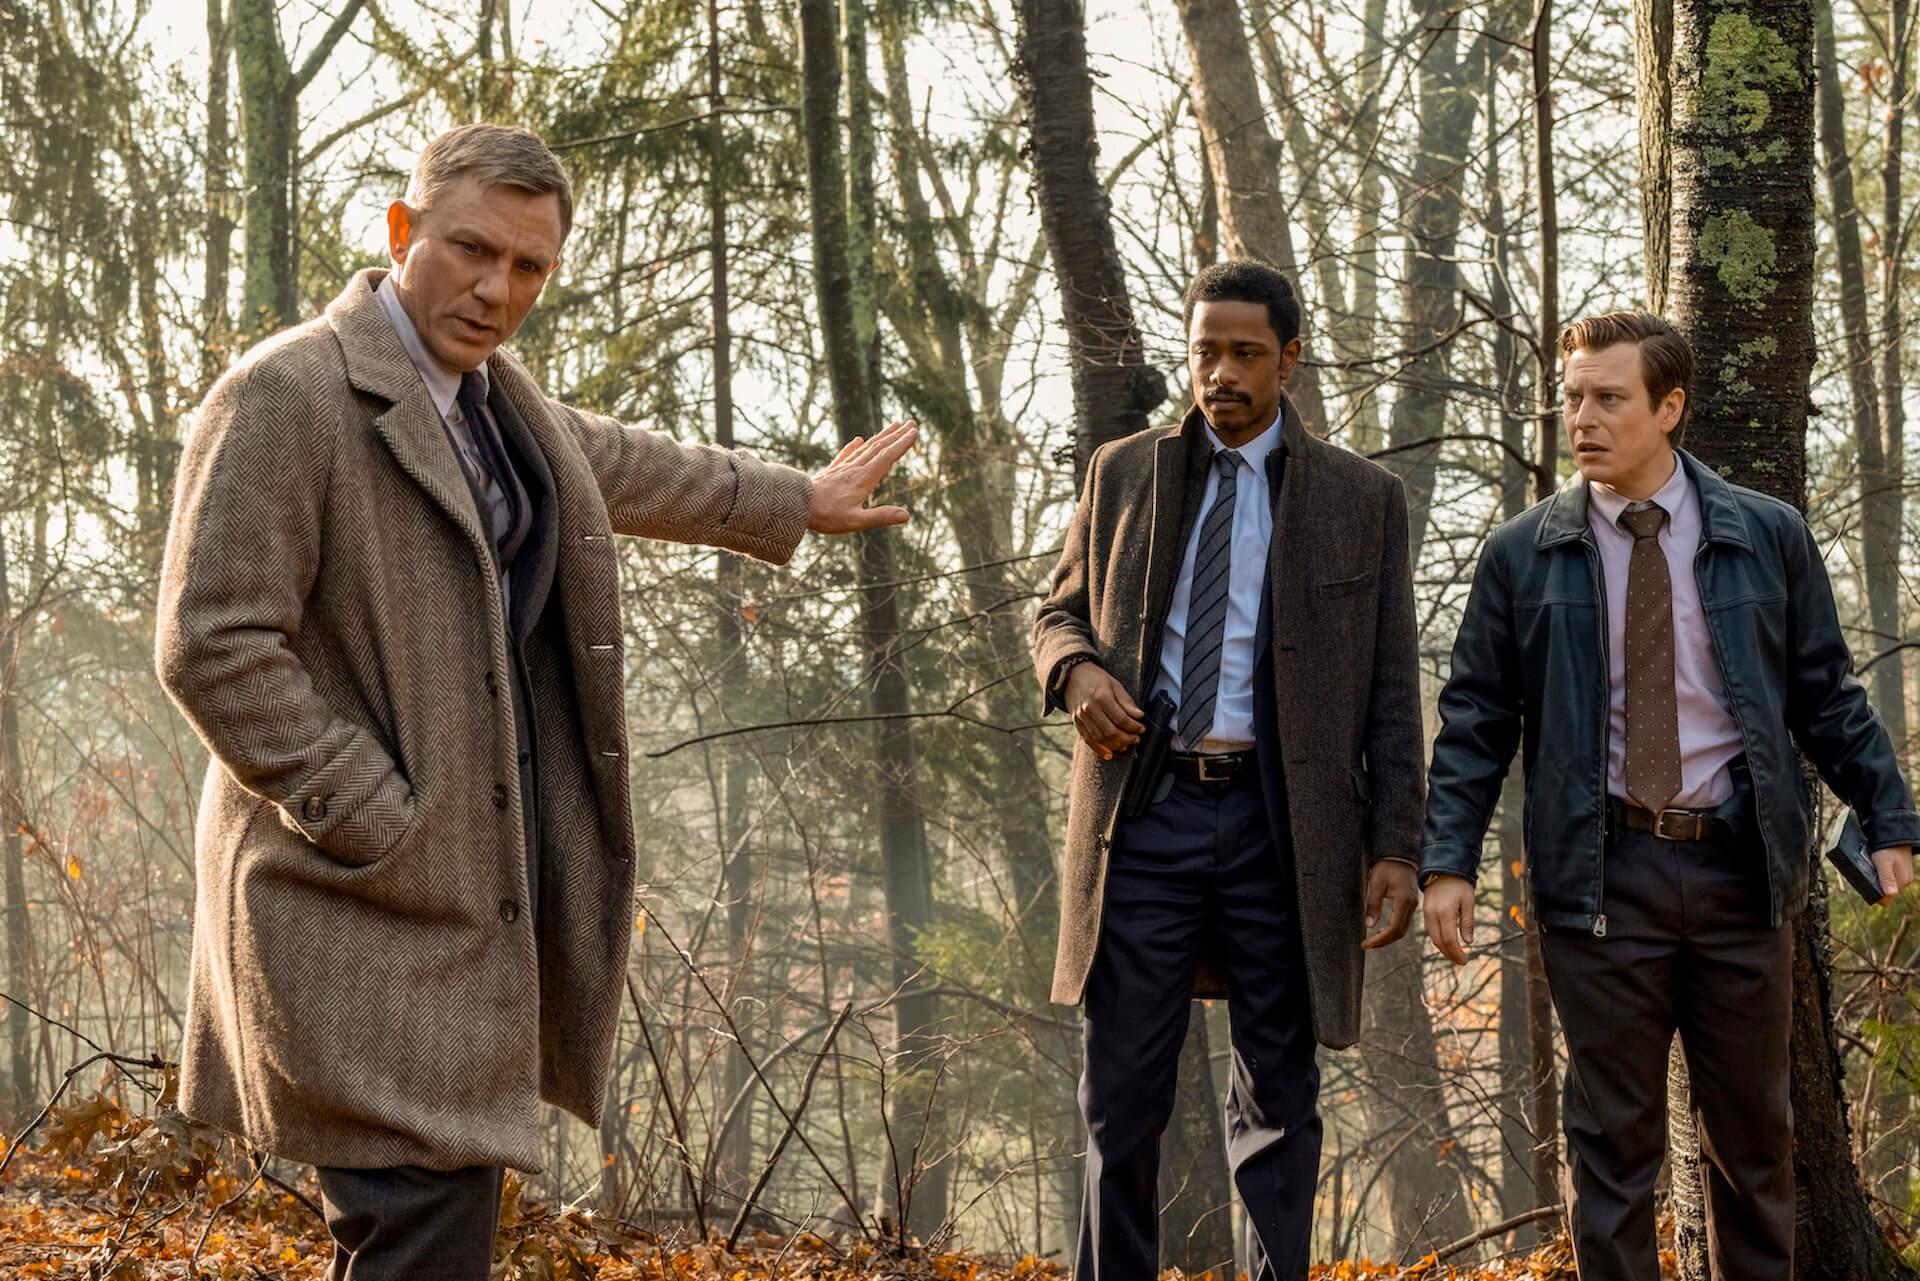 キャプテン・アメリカ役クリス・エヴァンスが今度はろくでなし野郎に!?『ナイブズ・アウト/名探偵と刃の館の秘密』日本公開決定 film191111_knivesout_2